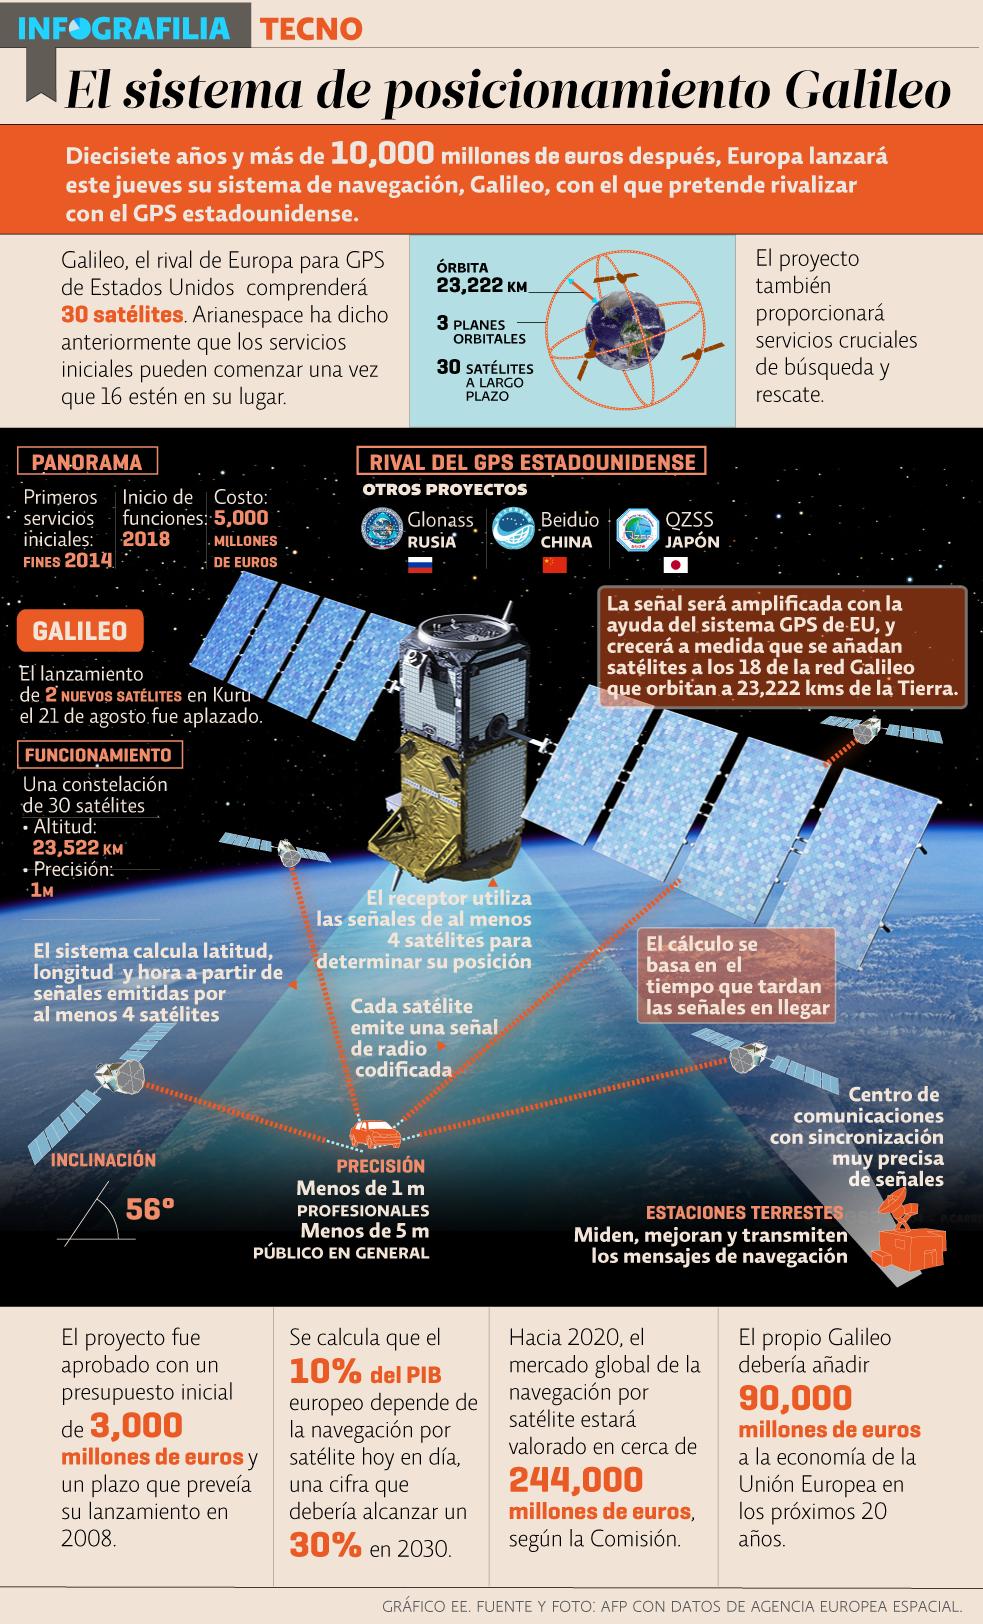 El sistema de posicionamiento Galileo